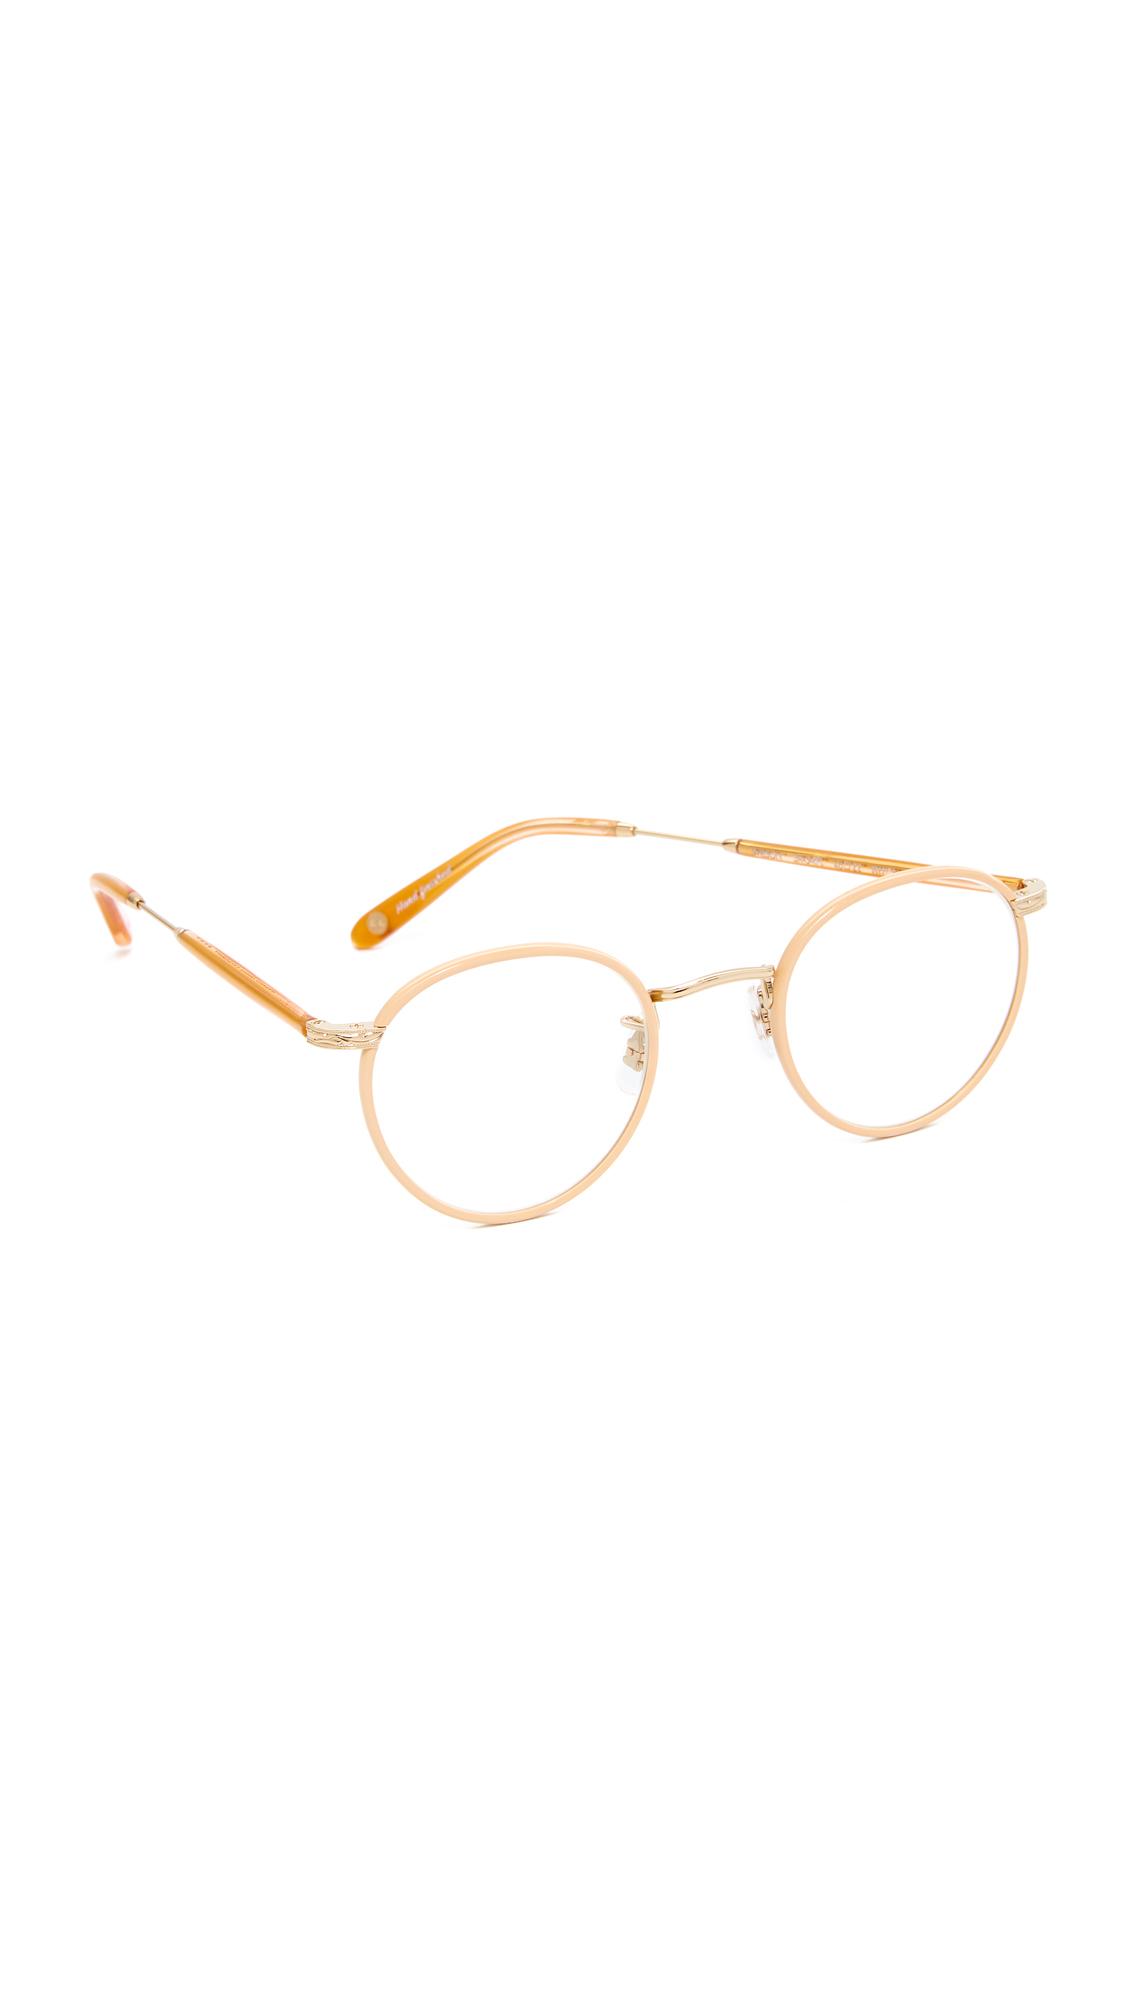 GARRETT LEIGHT Wilson Glasses - Rose Pearl/Clear